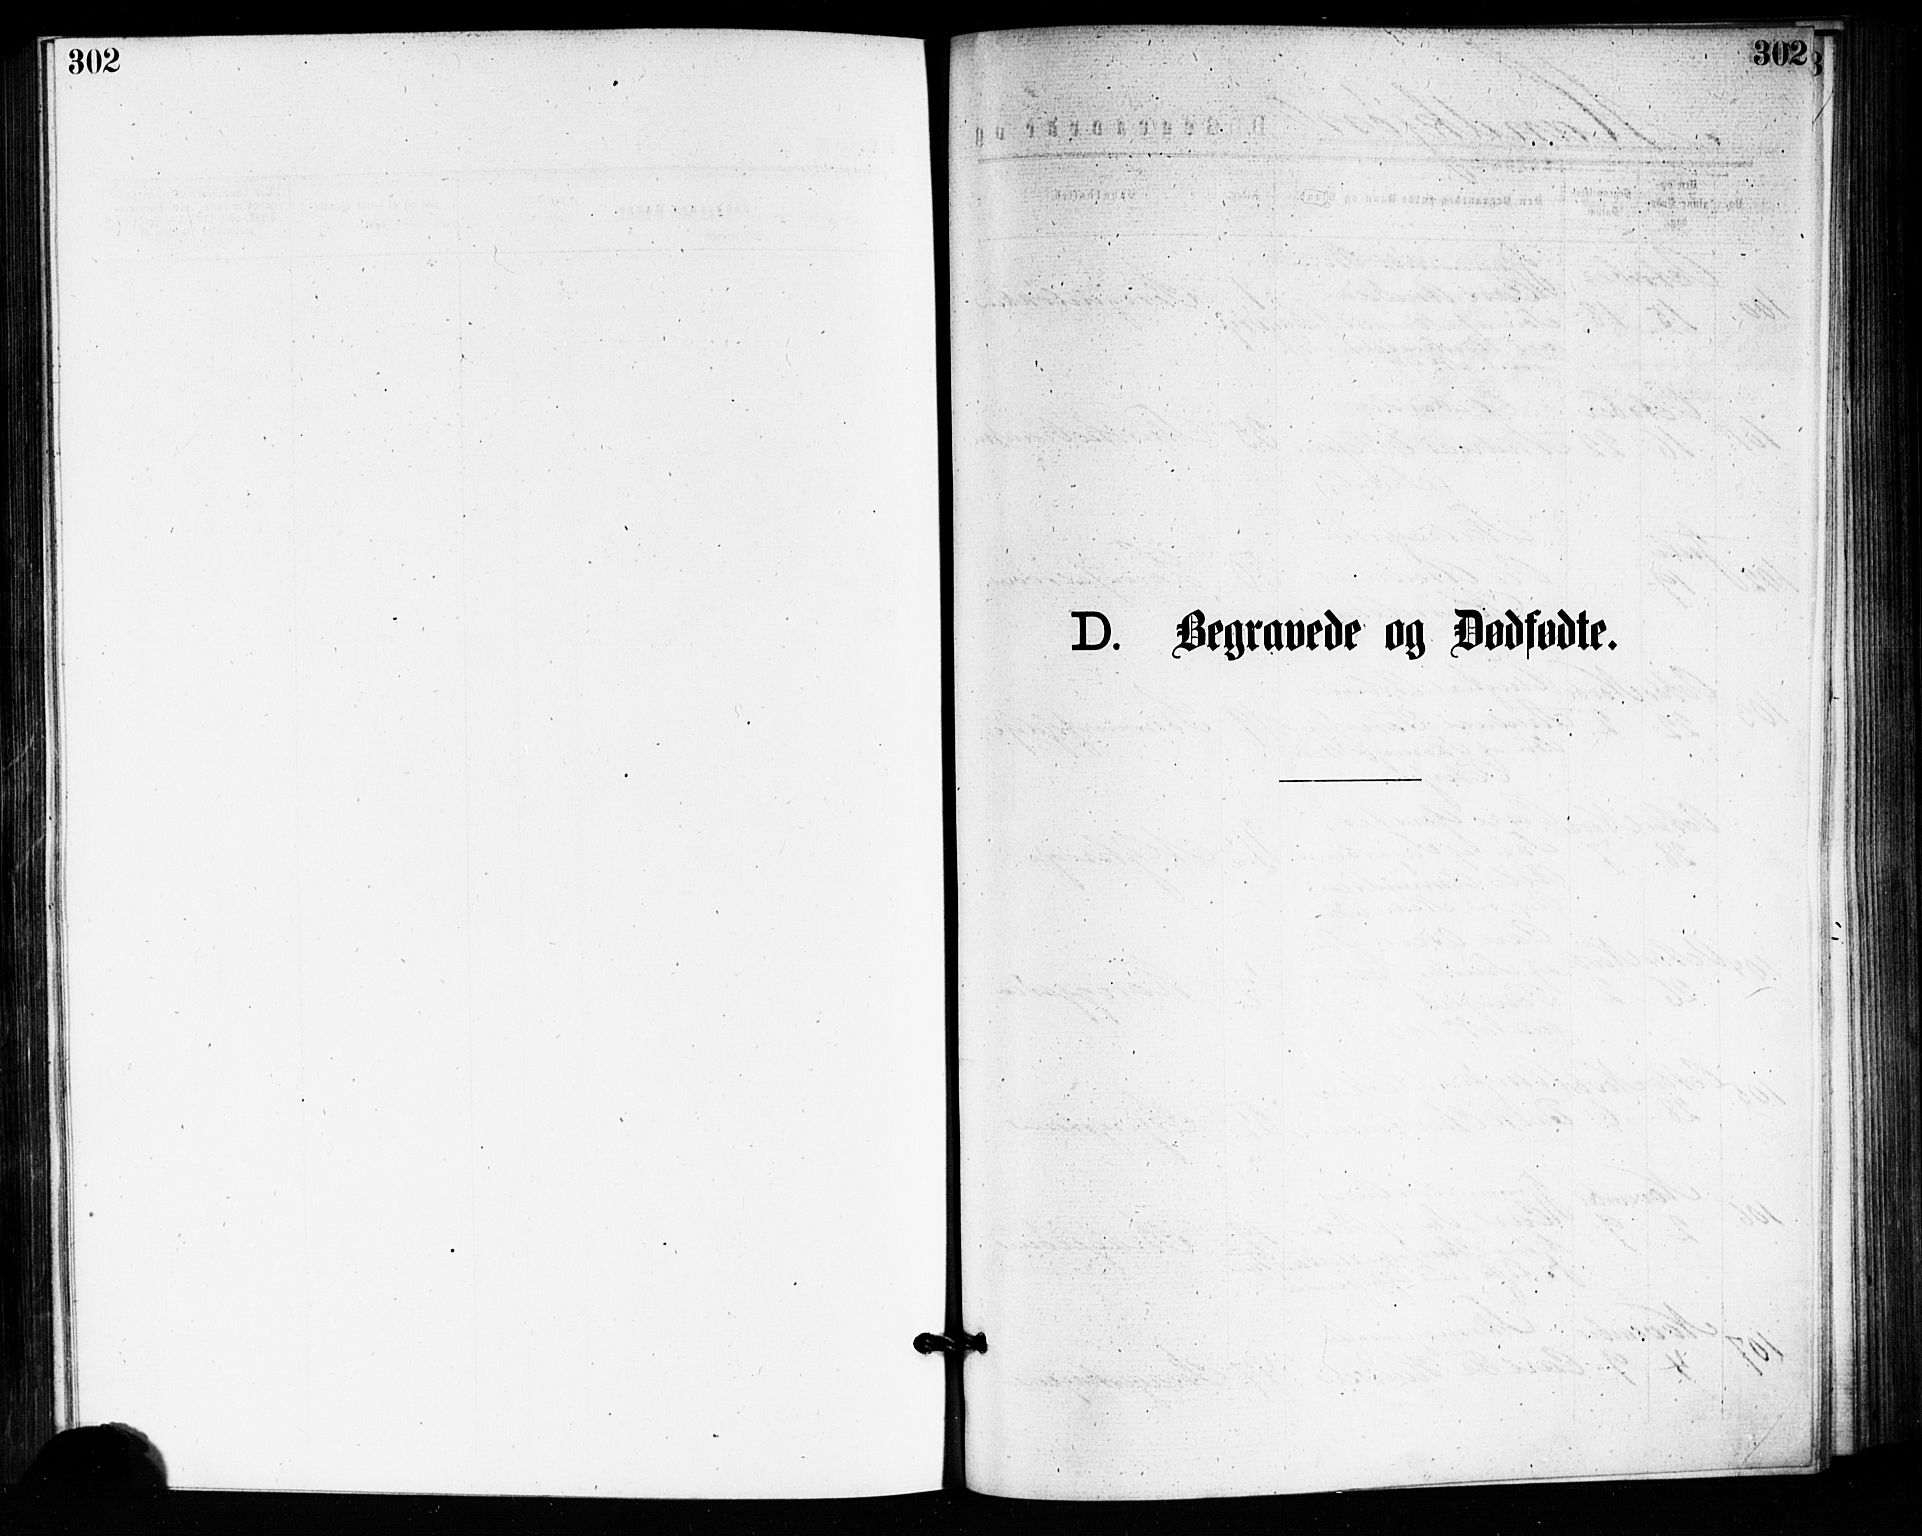 SAKO, Bragernes kirkebøker, F/Fb/L0005: Ministerialbok nr. II 5, 1875-1877, s. 302